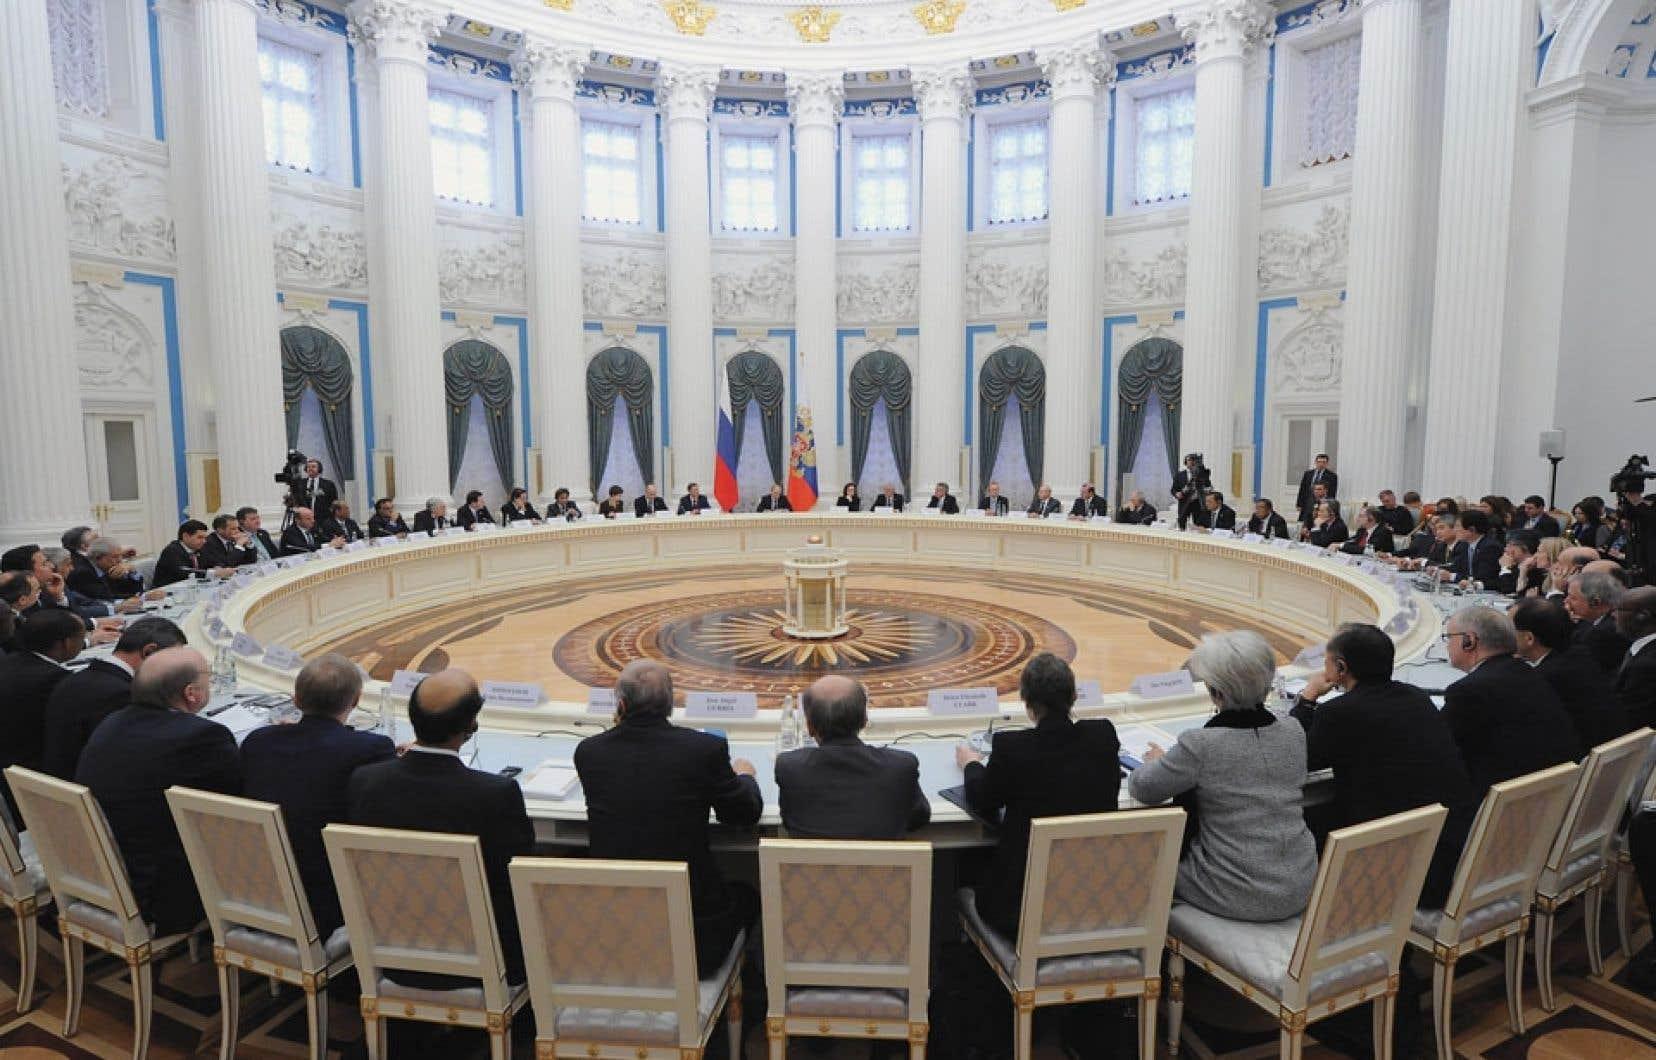 Vladimir Poutine a invité le G20 à mettre l'économie mondiale «sur une trajectoire ferme de croissance».